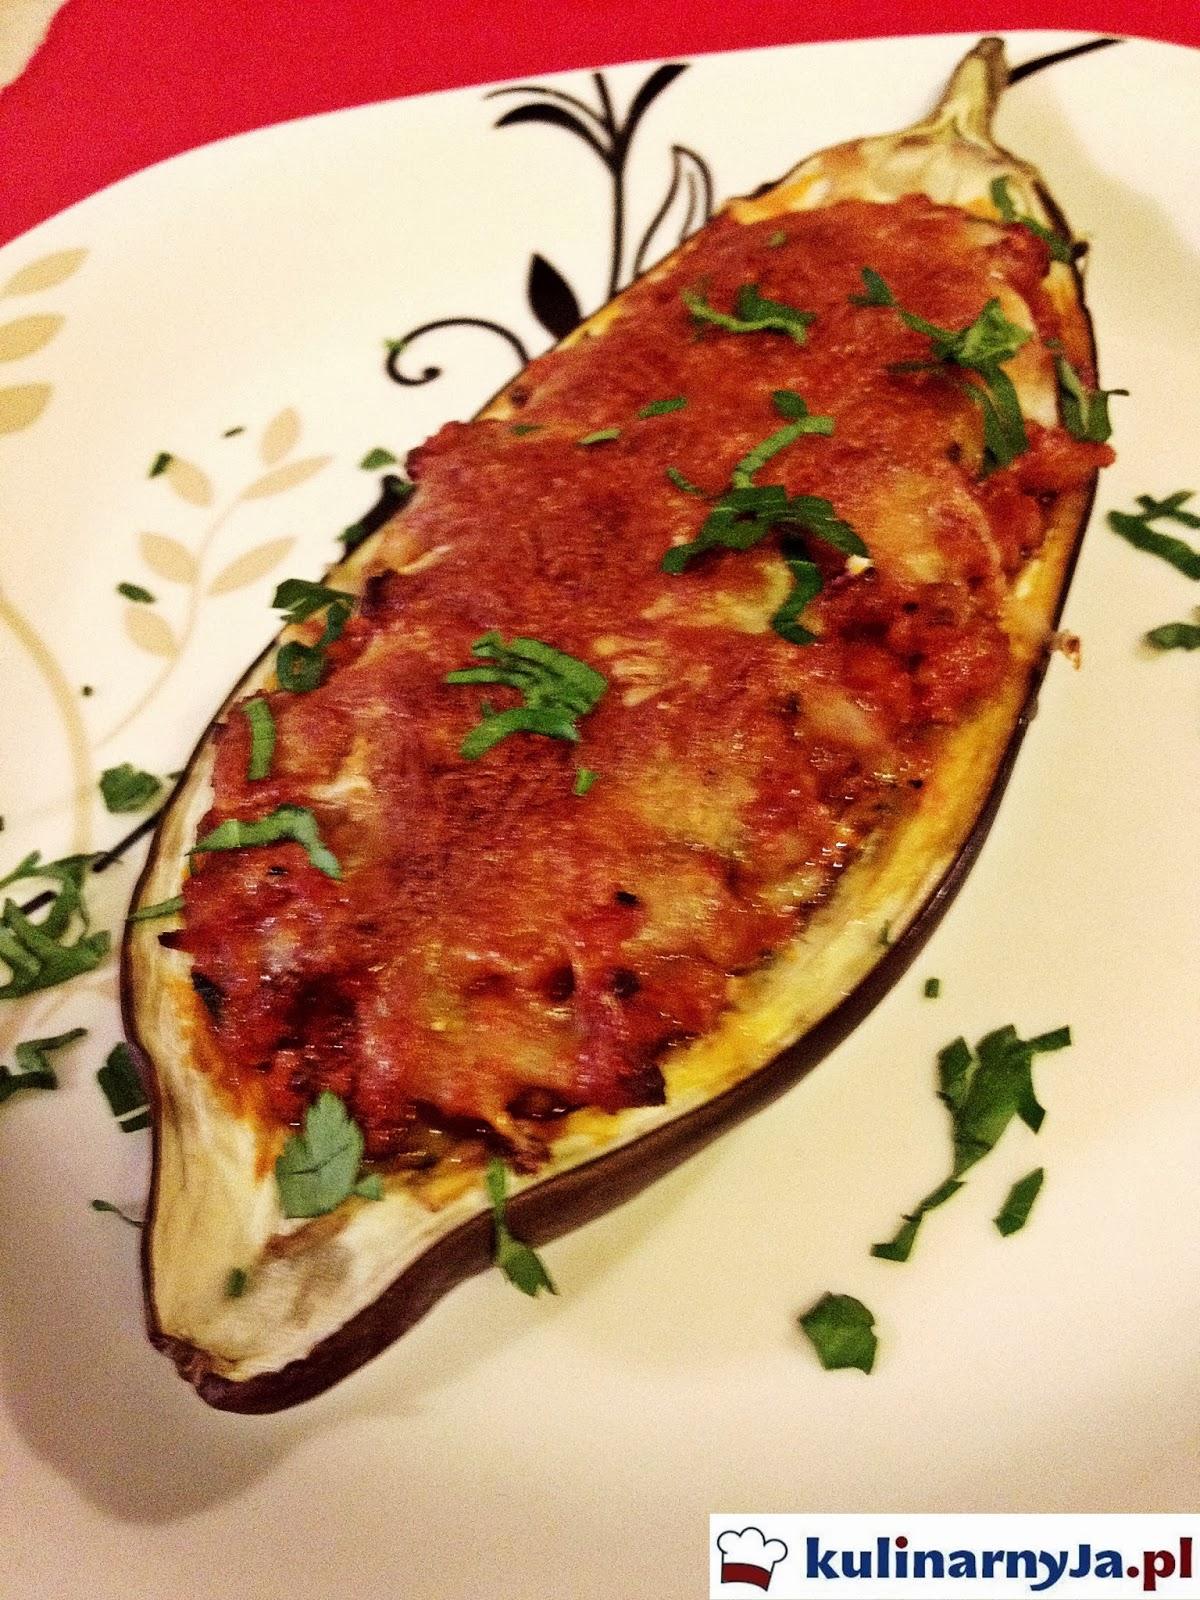 Bakłażan faszerowany- zapieczony mozzarellą